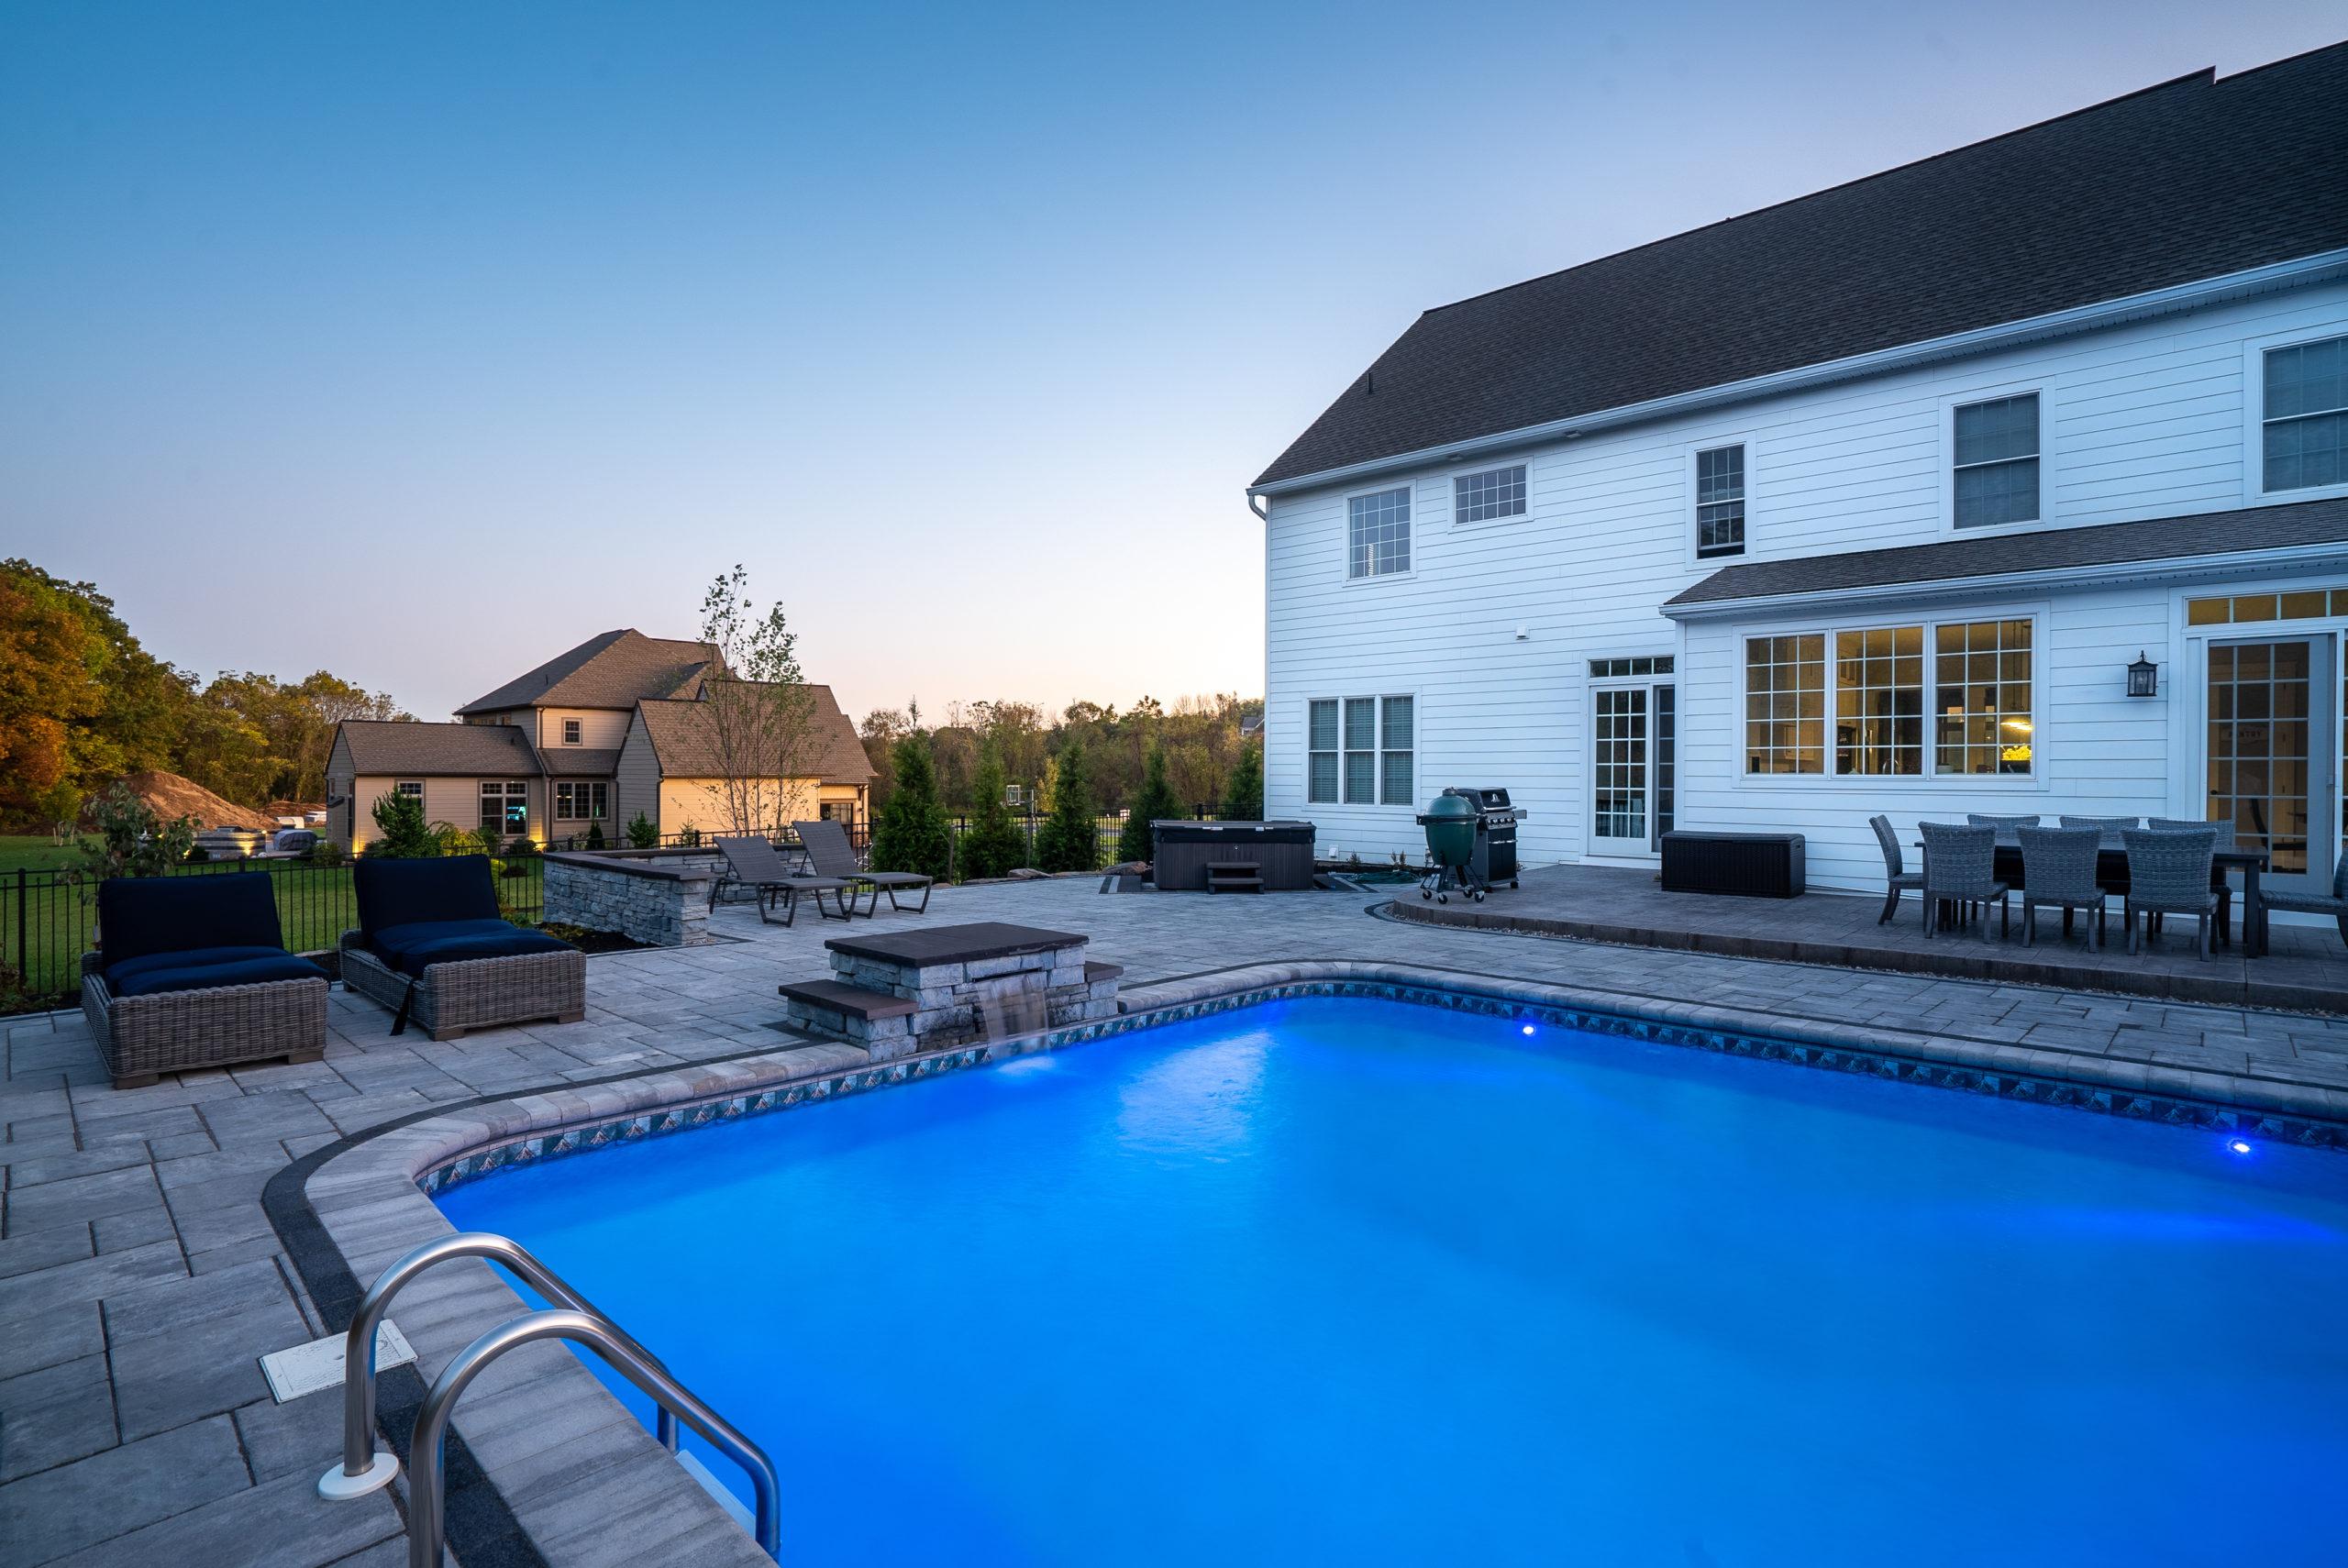 Inground pool in backyard